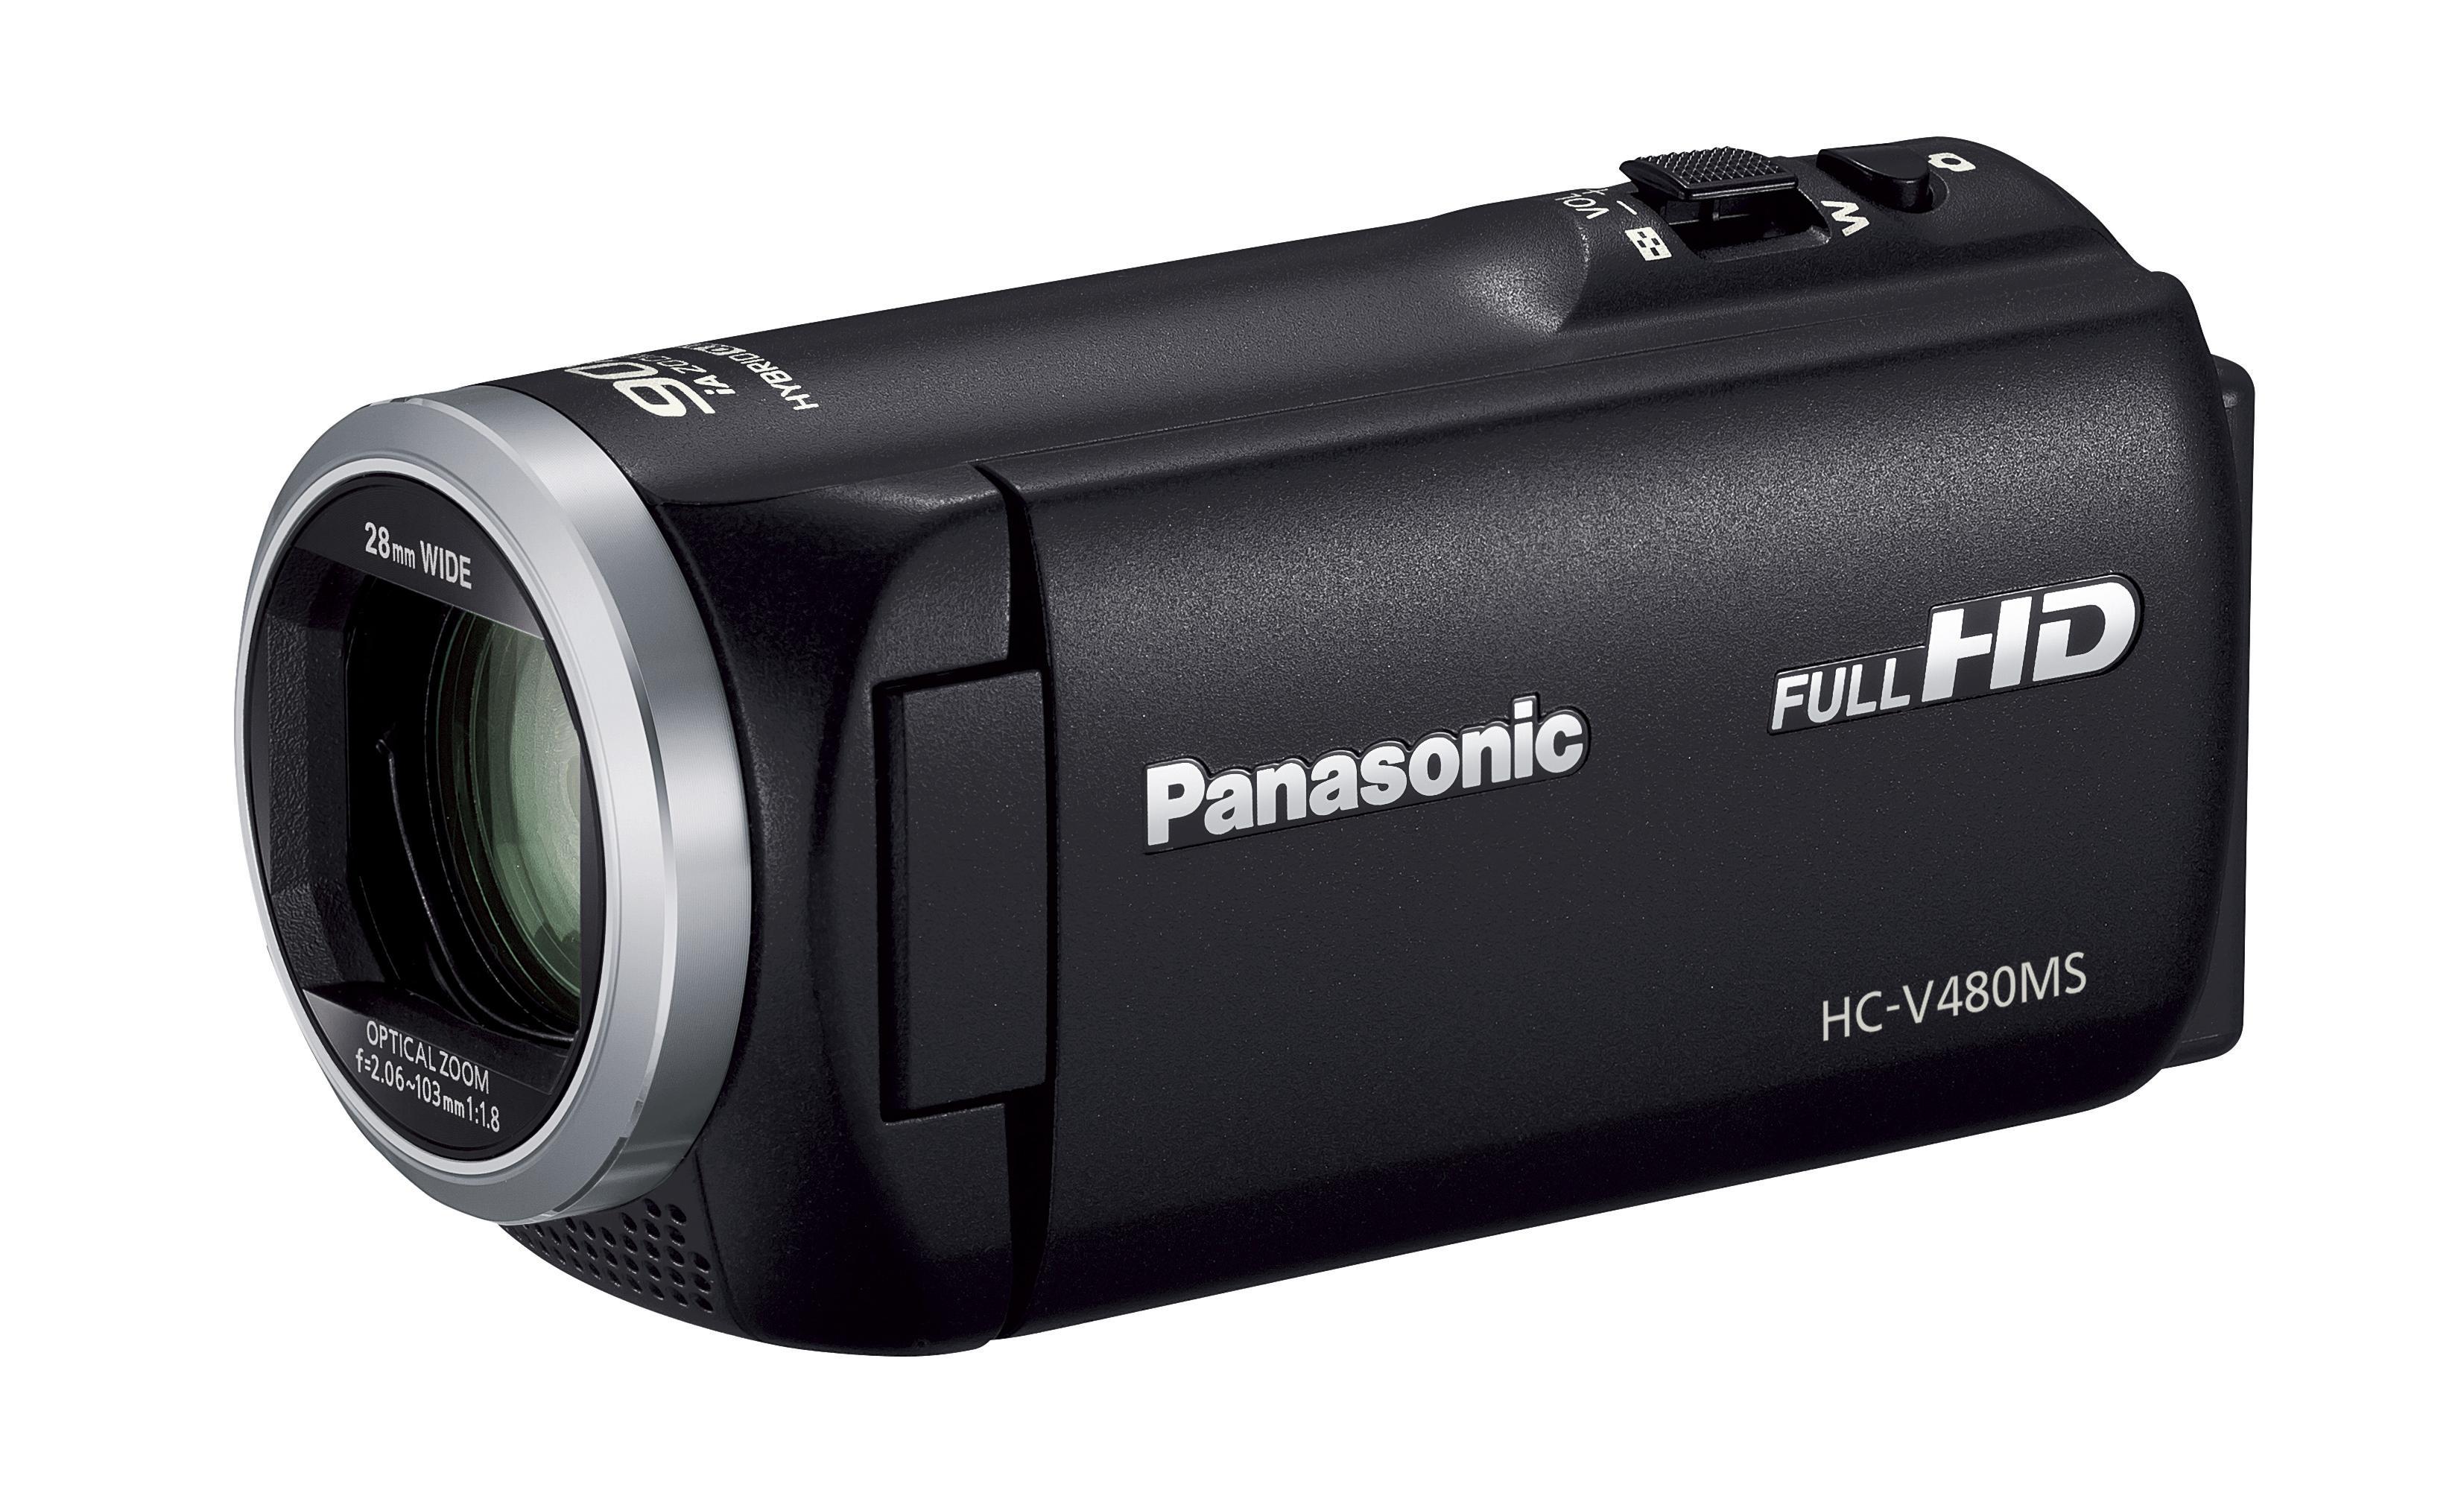 パナソニック デジタルハイビジョンビデオカメラ「HC-V480MS-K」